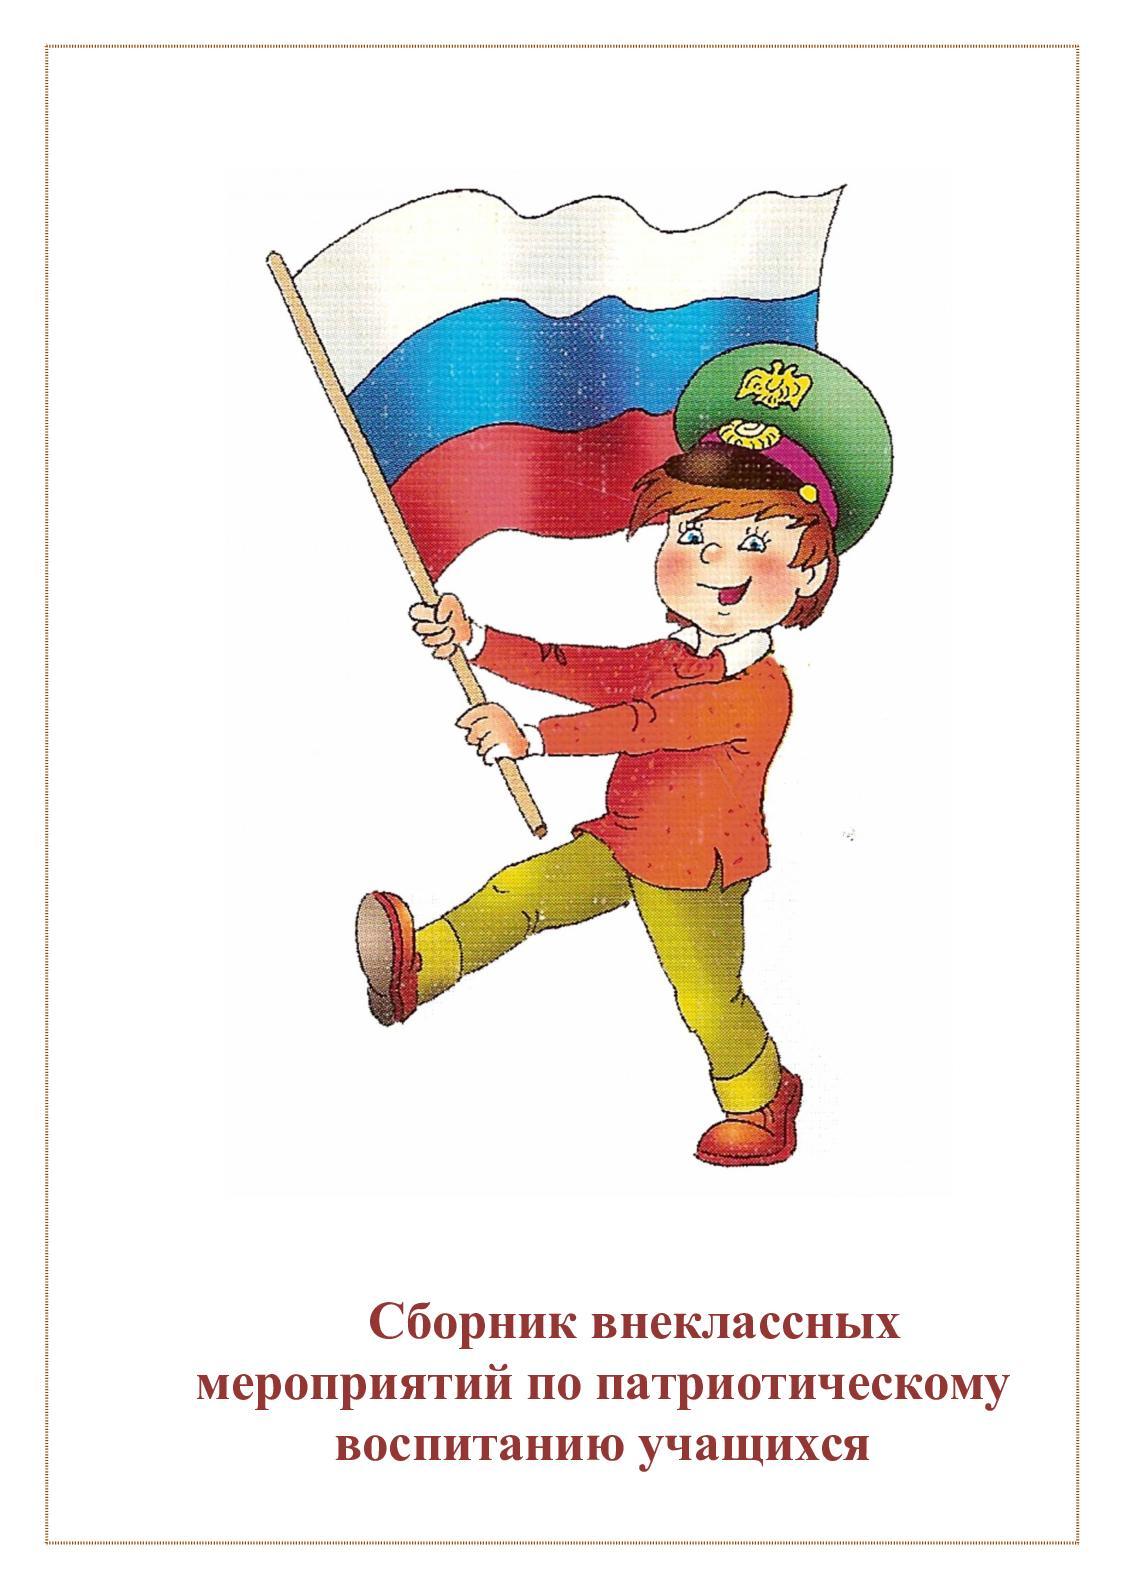 Фотошоп, открытка патриотическое воспитание